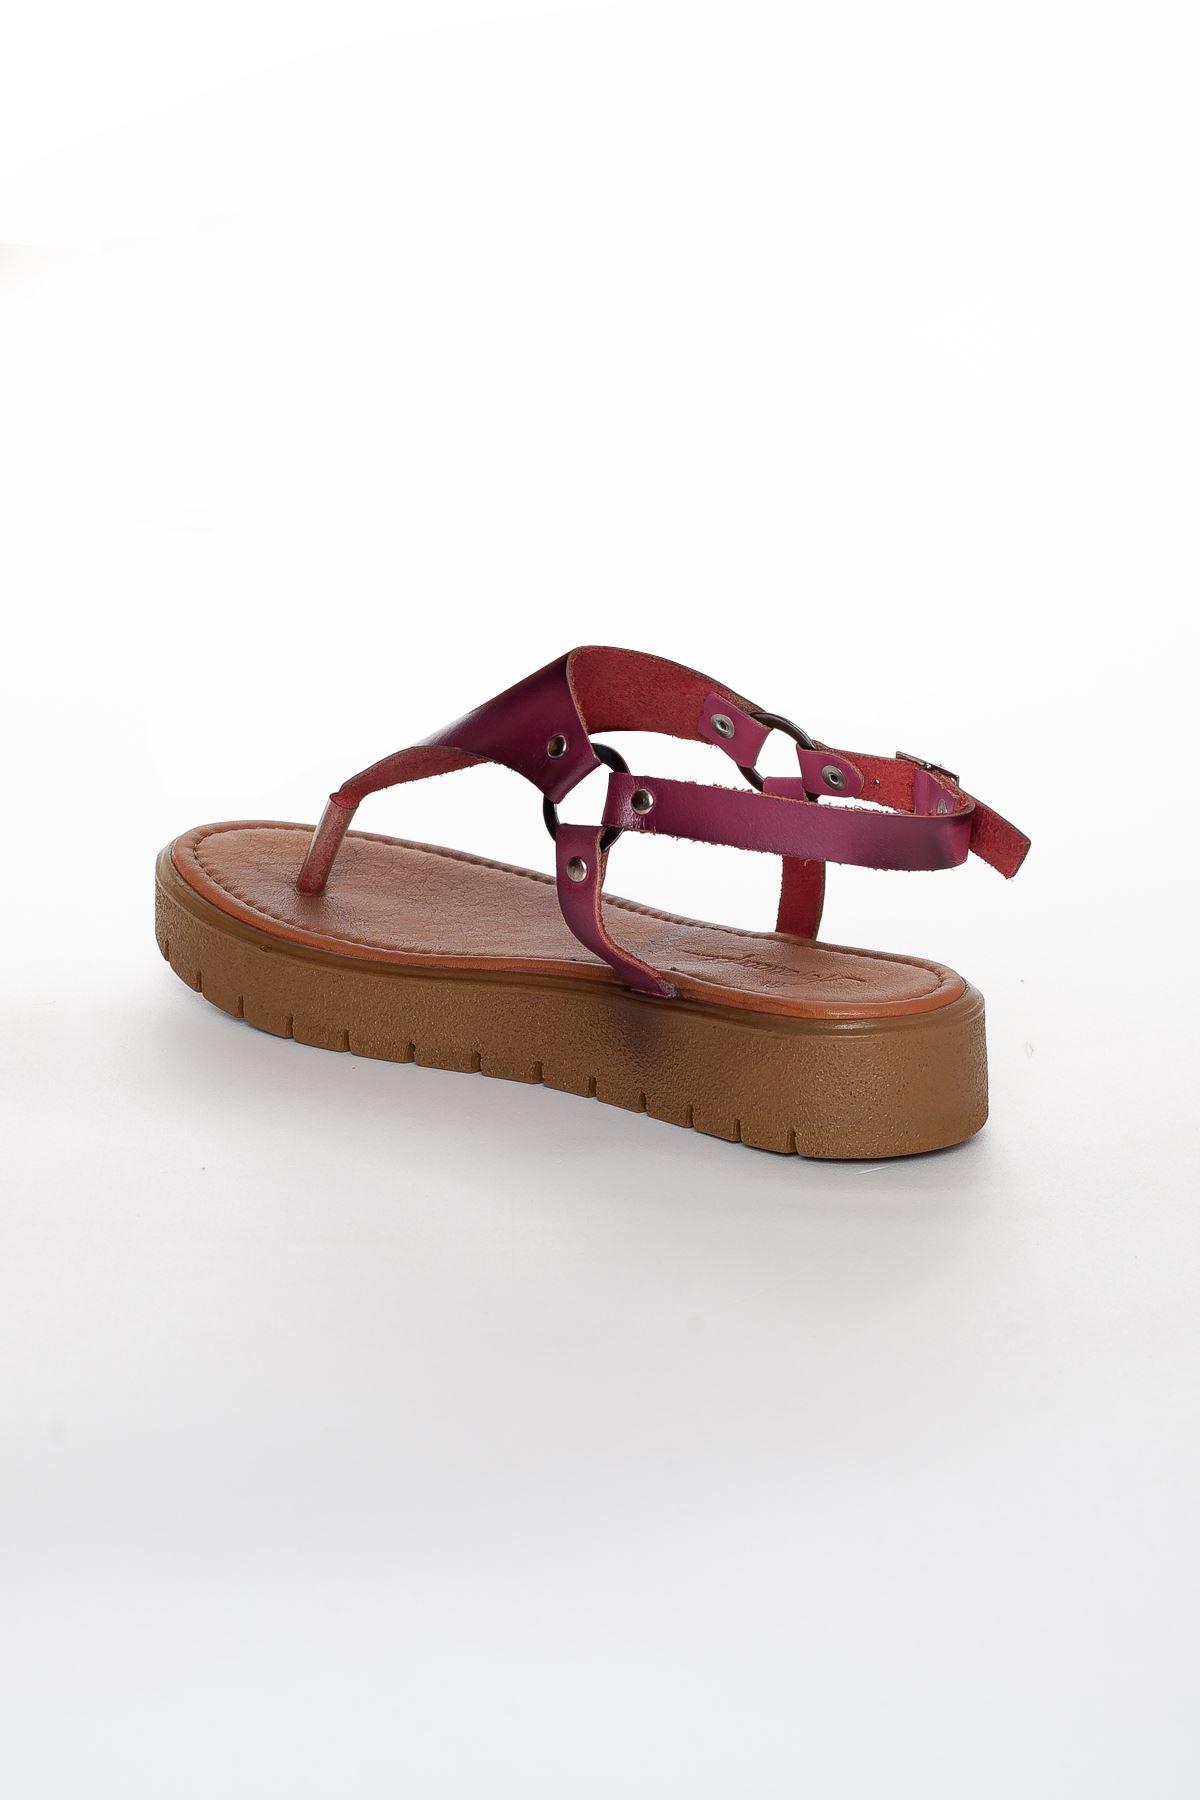 Alix Deri Sandalet MİX